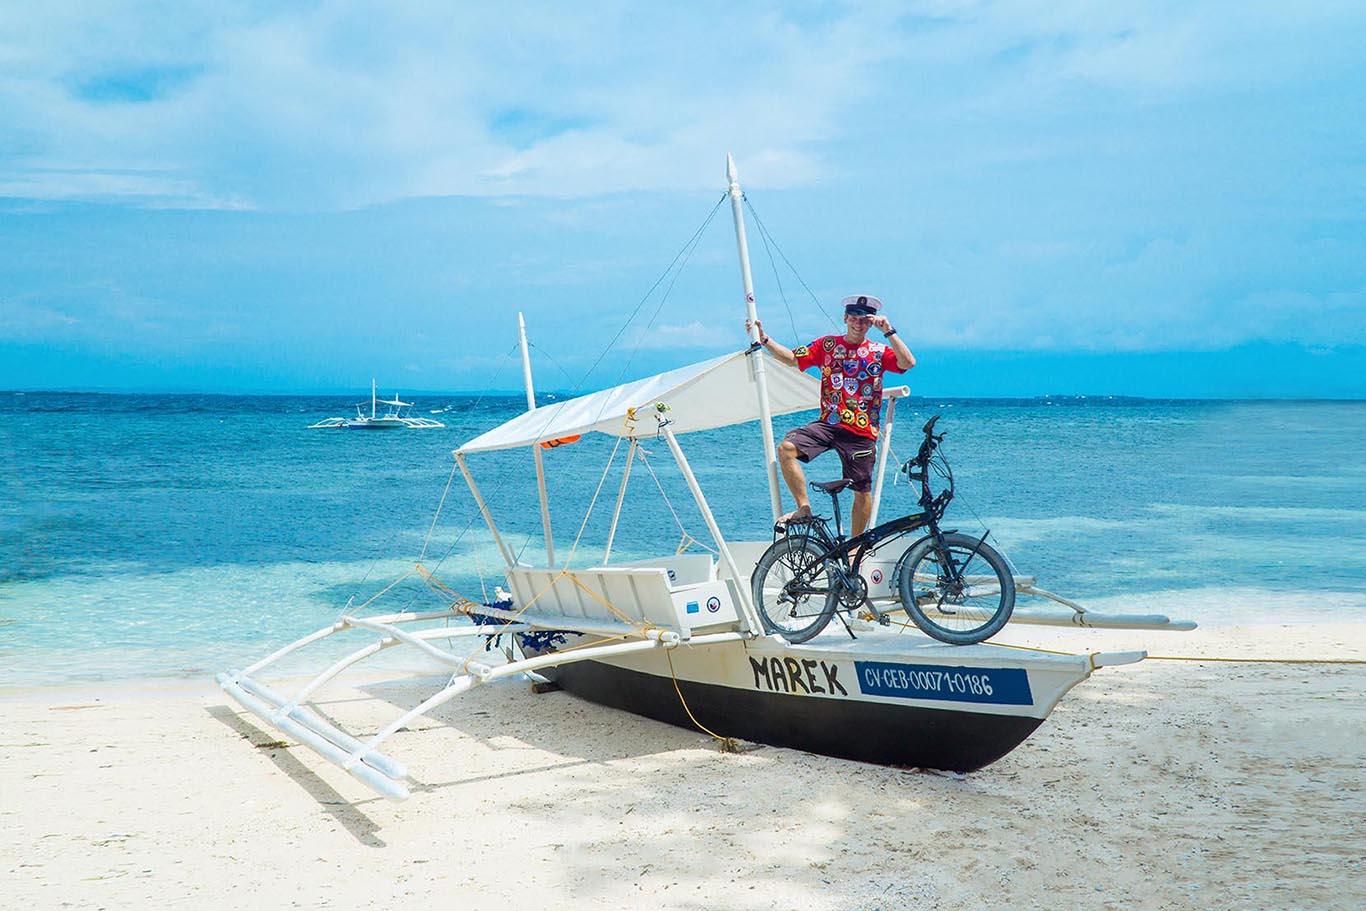 zachranar na cestach, lod, filipiny, skladaci kolo, cestovatel